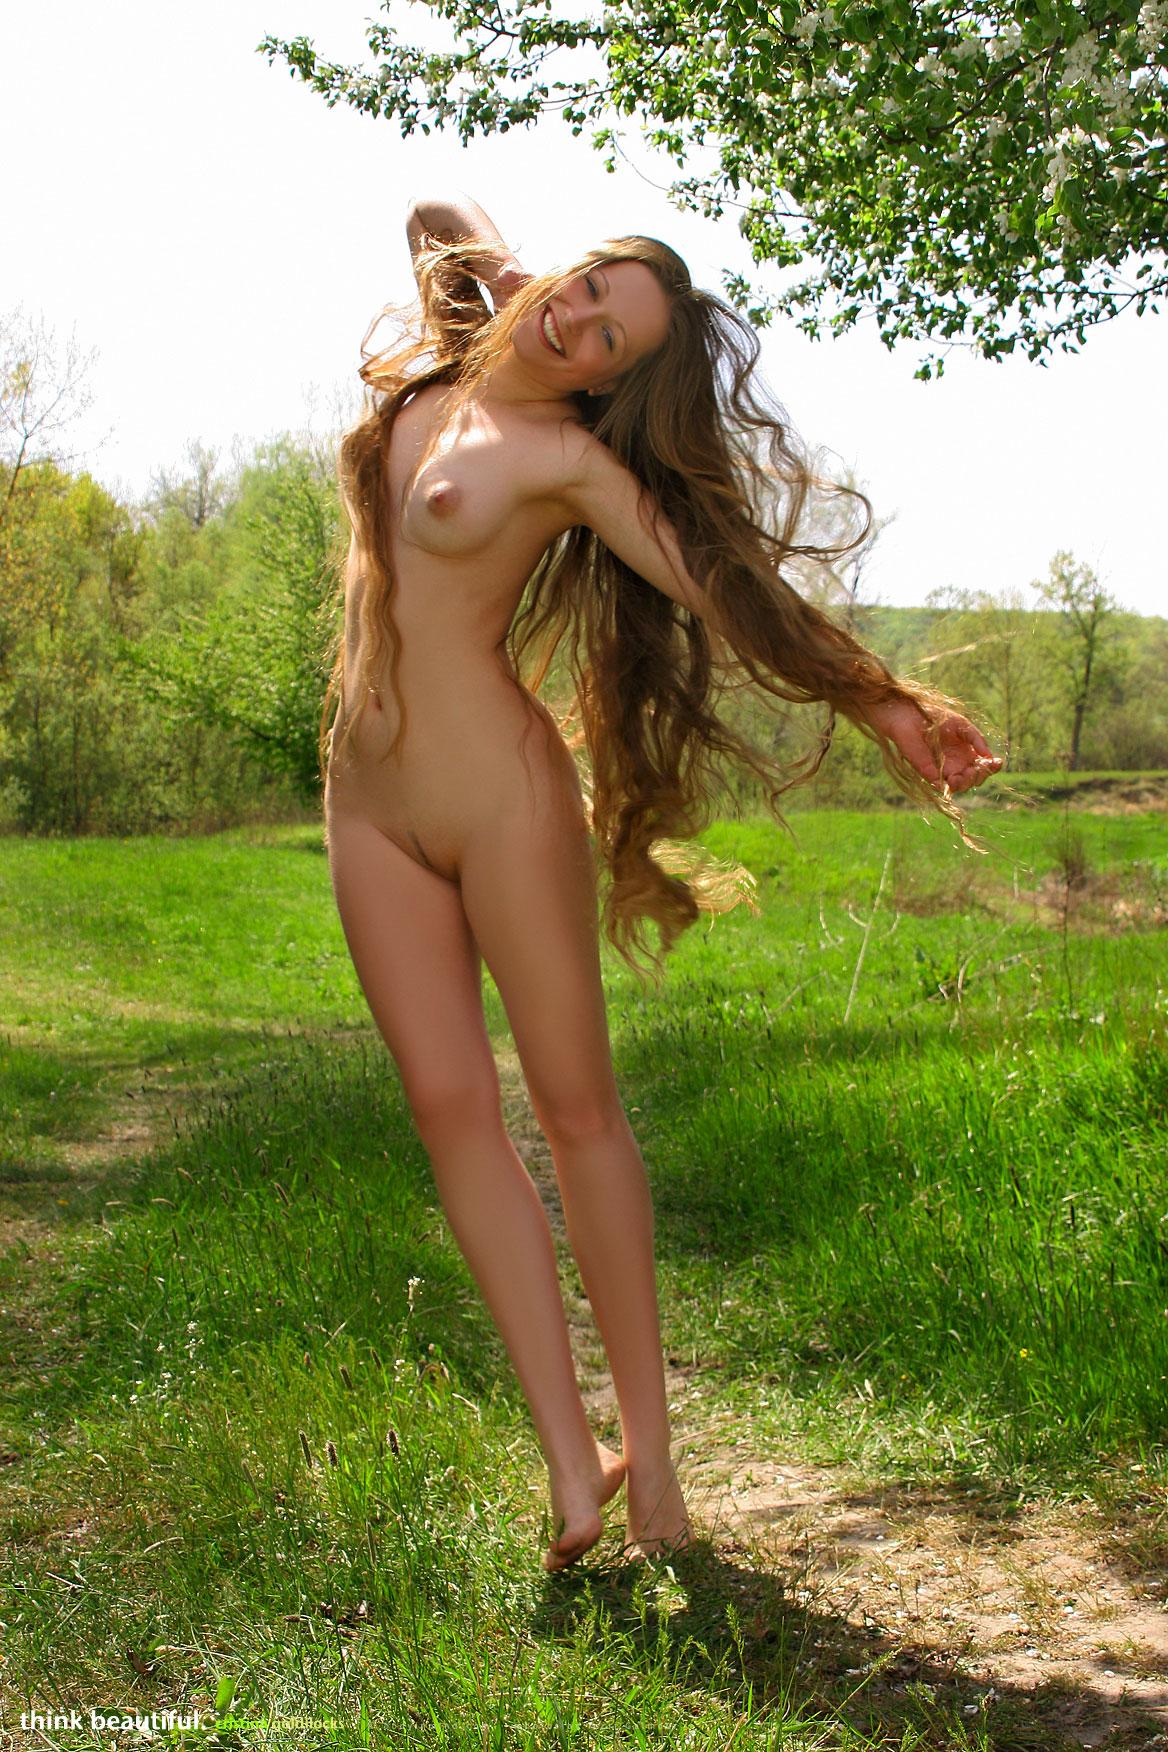 Cristina Goldilocks - NudesPuri.com